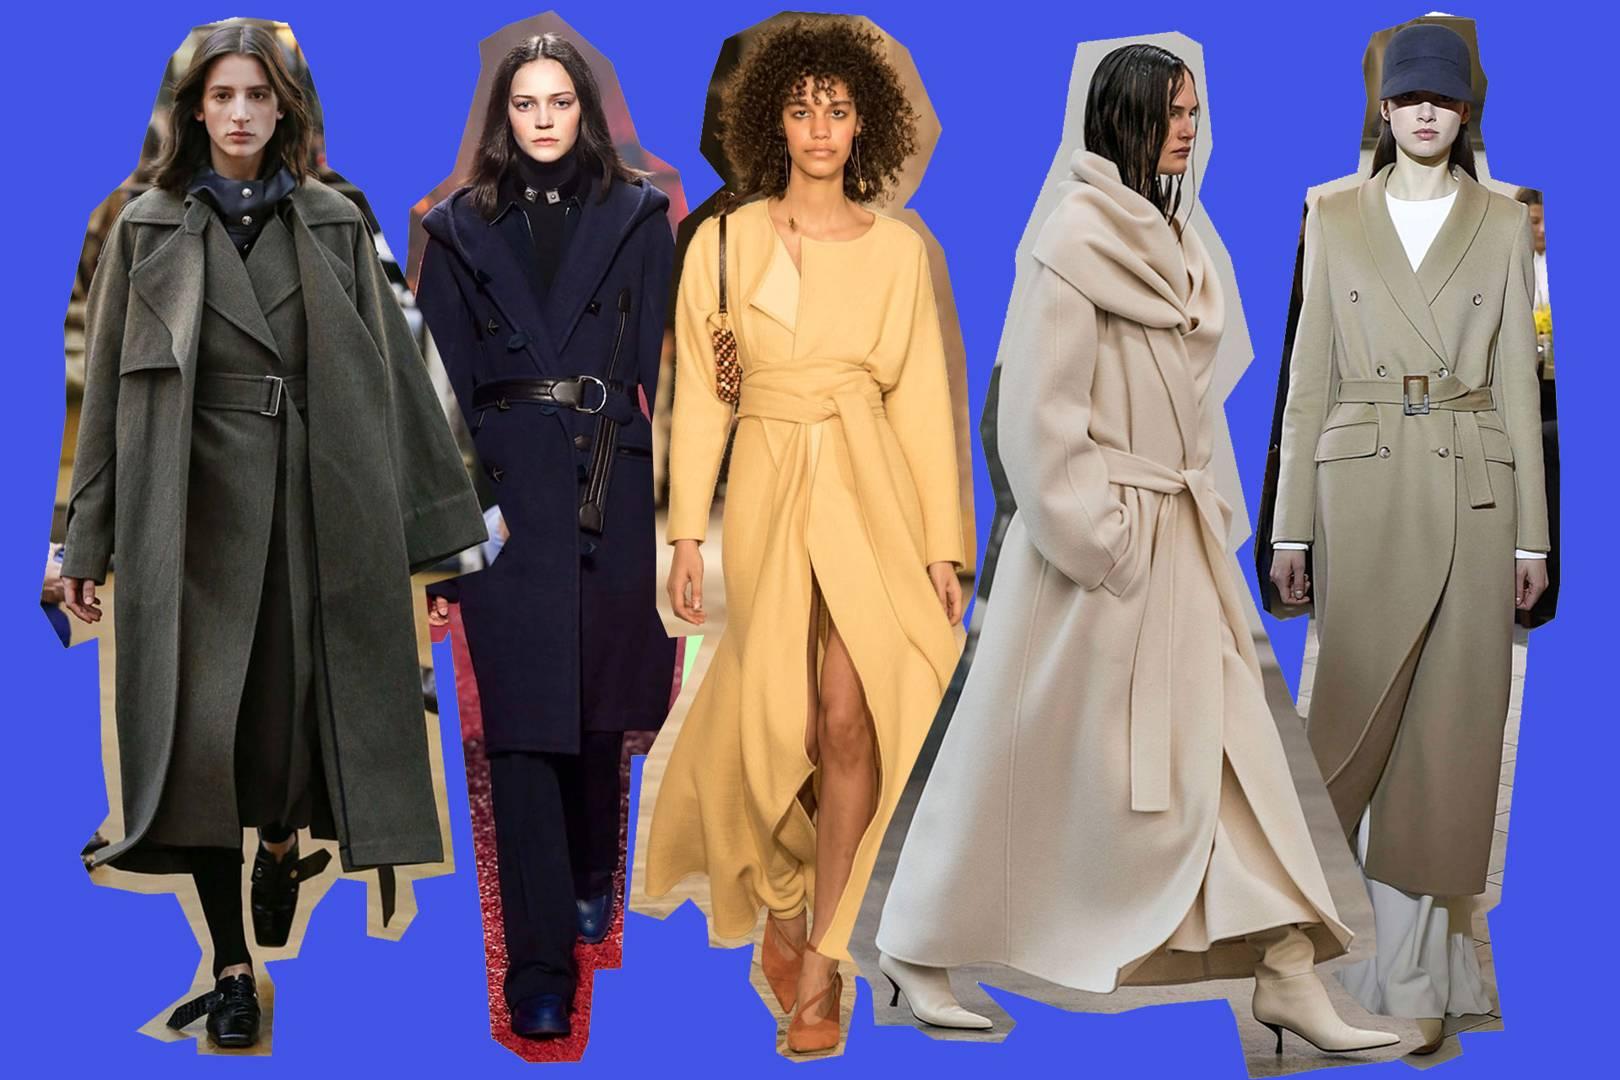 Best Winter Coats 2018 | The Women's Winter Coats To Buy Now | British Vogue